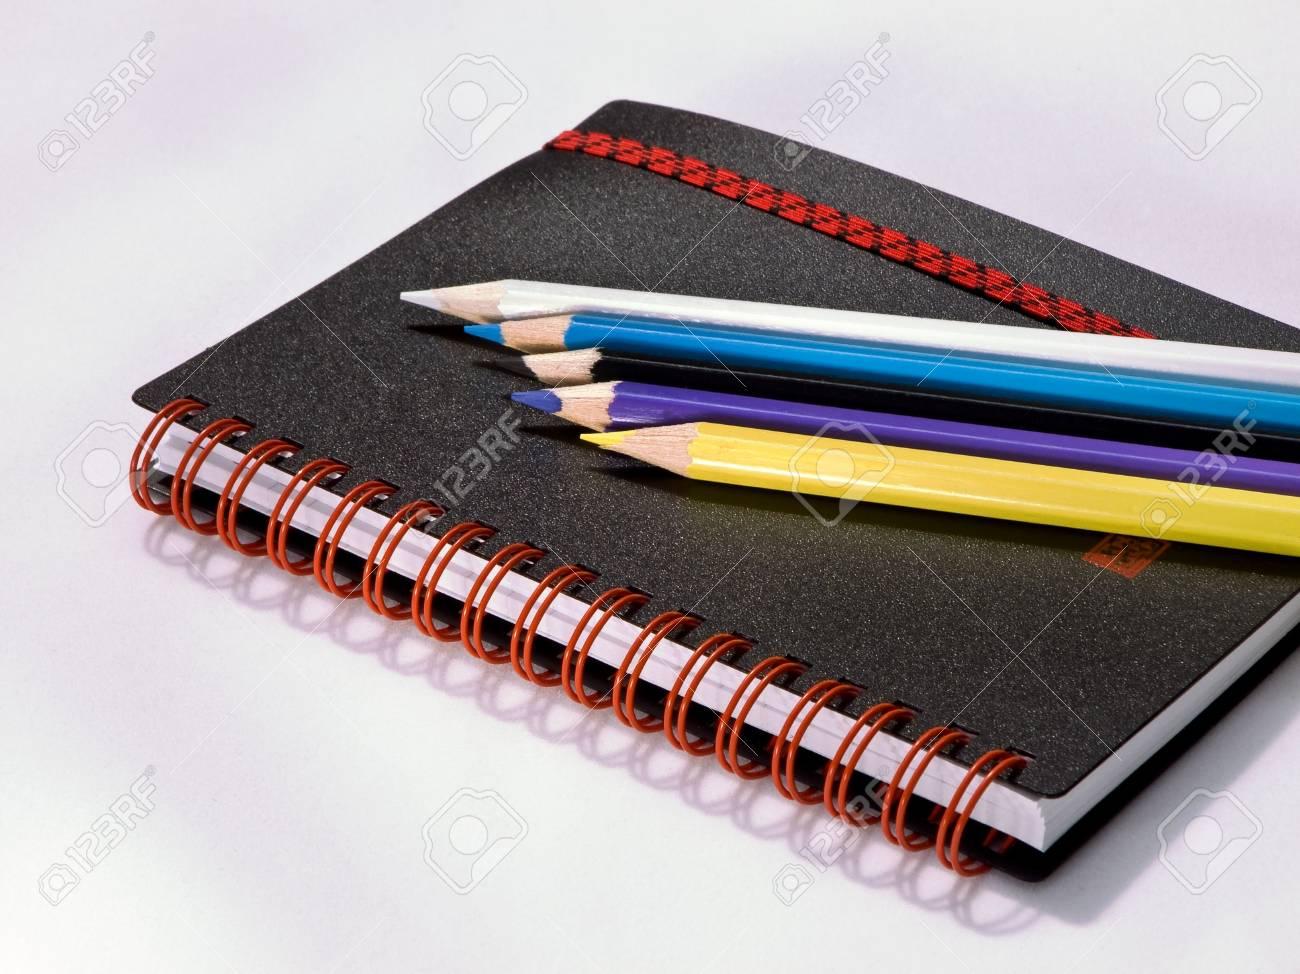 Nota Libro Negro Con Lápices De Colores Fotos, Retratos, Imágenes Y ...